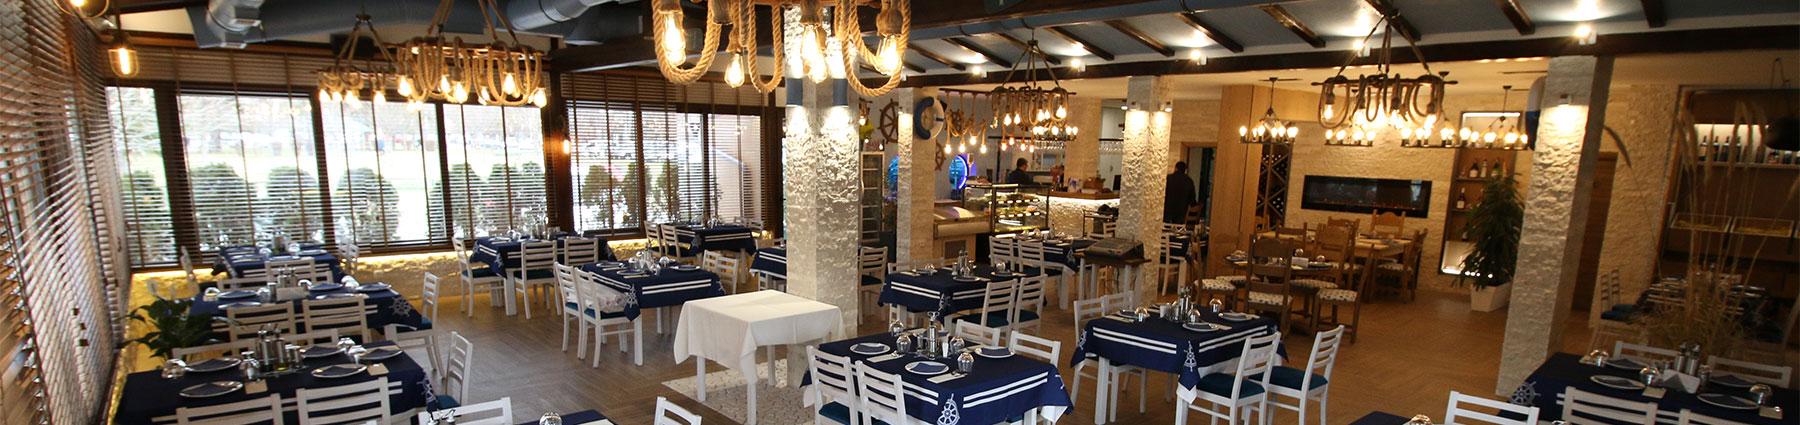 Restaurant Langusta